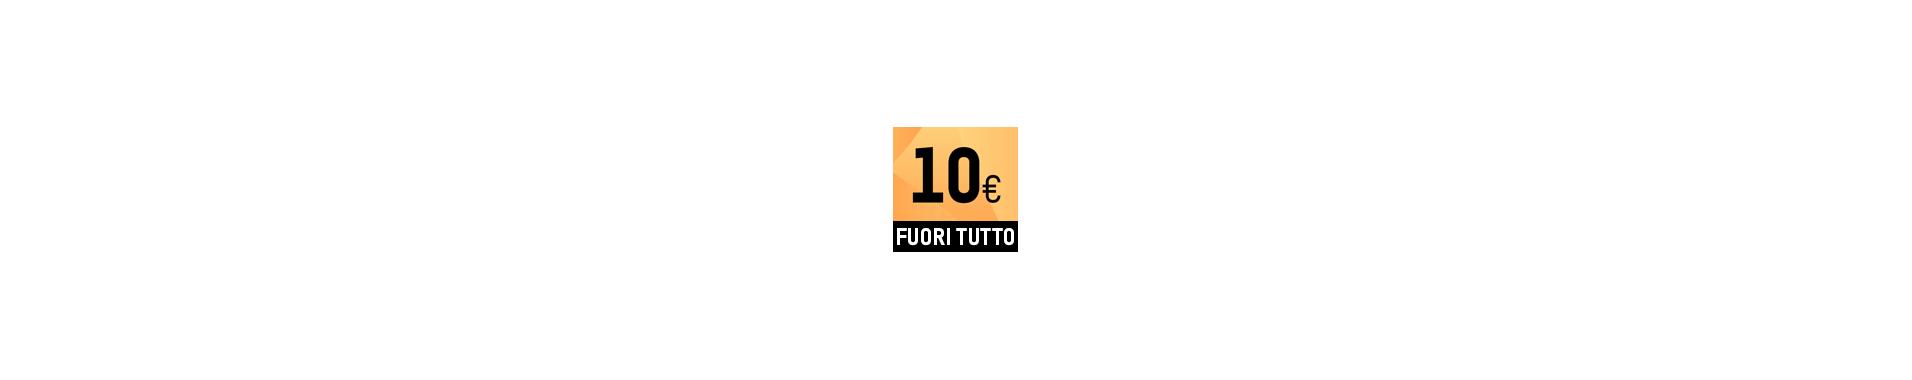 Fuori tutto Guanti da moto a 10 euro